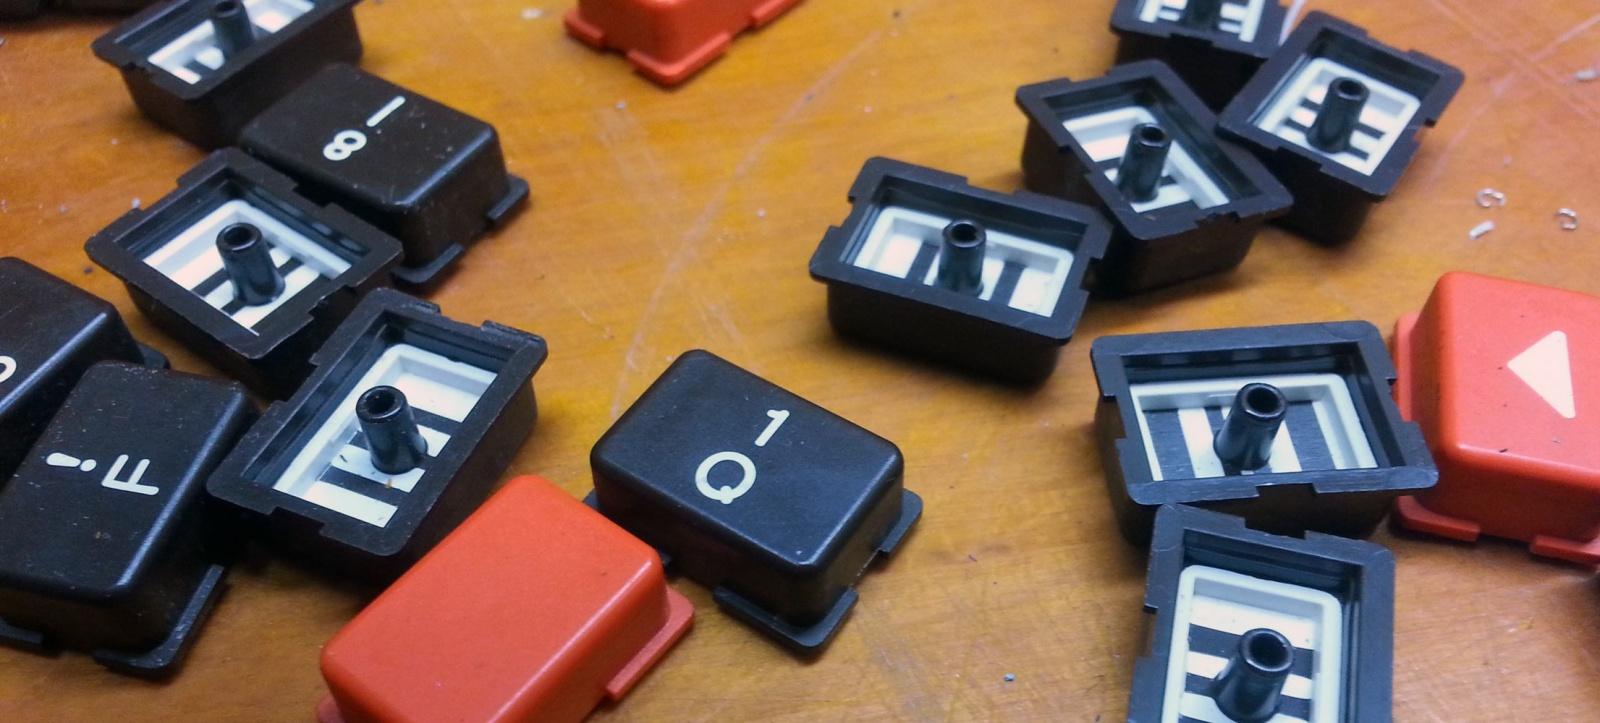 Нужна небольшая клавиатура – сделайте её сами - 9